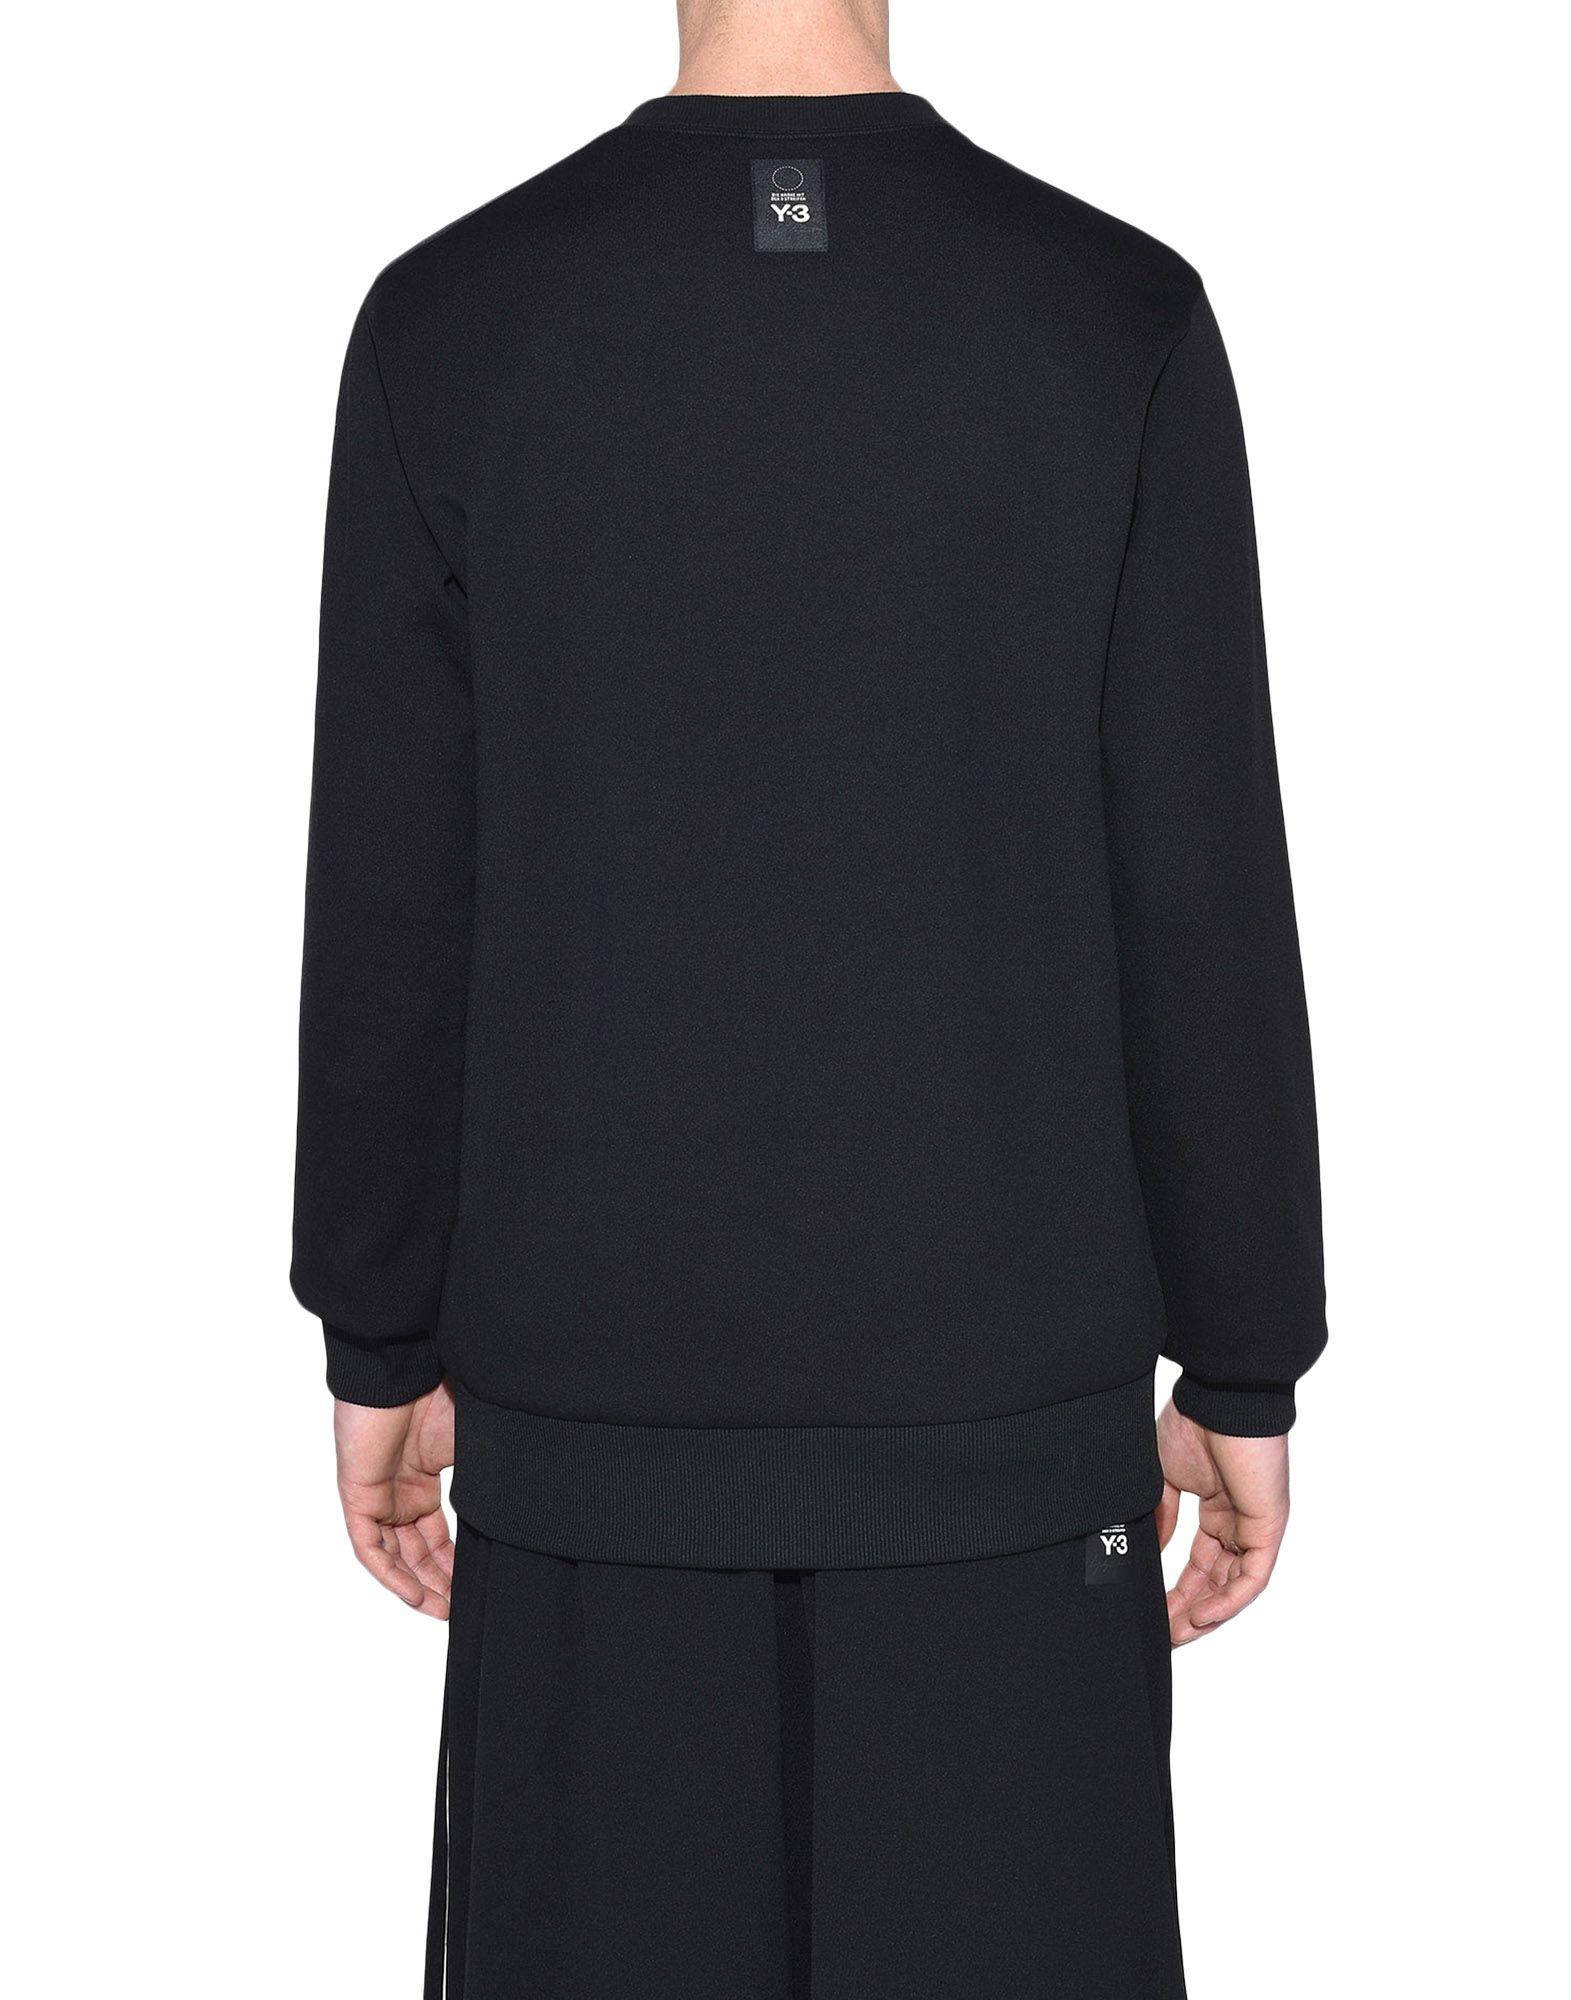 Y-3 Y-3 Patchwork Sweater Sweatshirt Man d